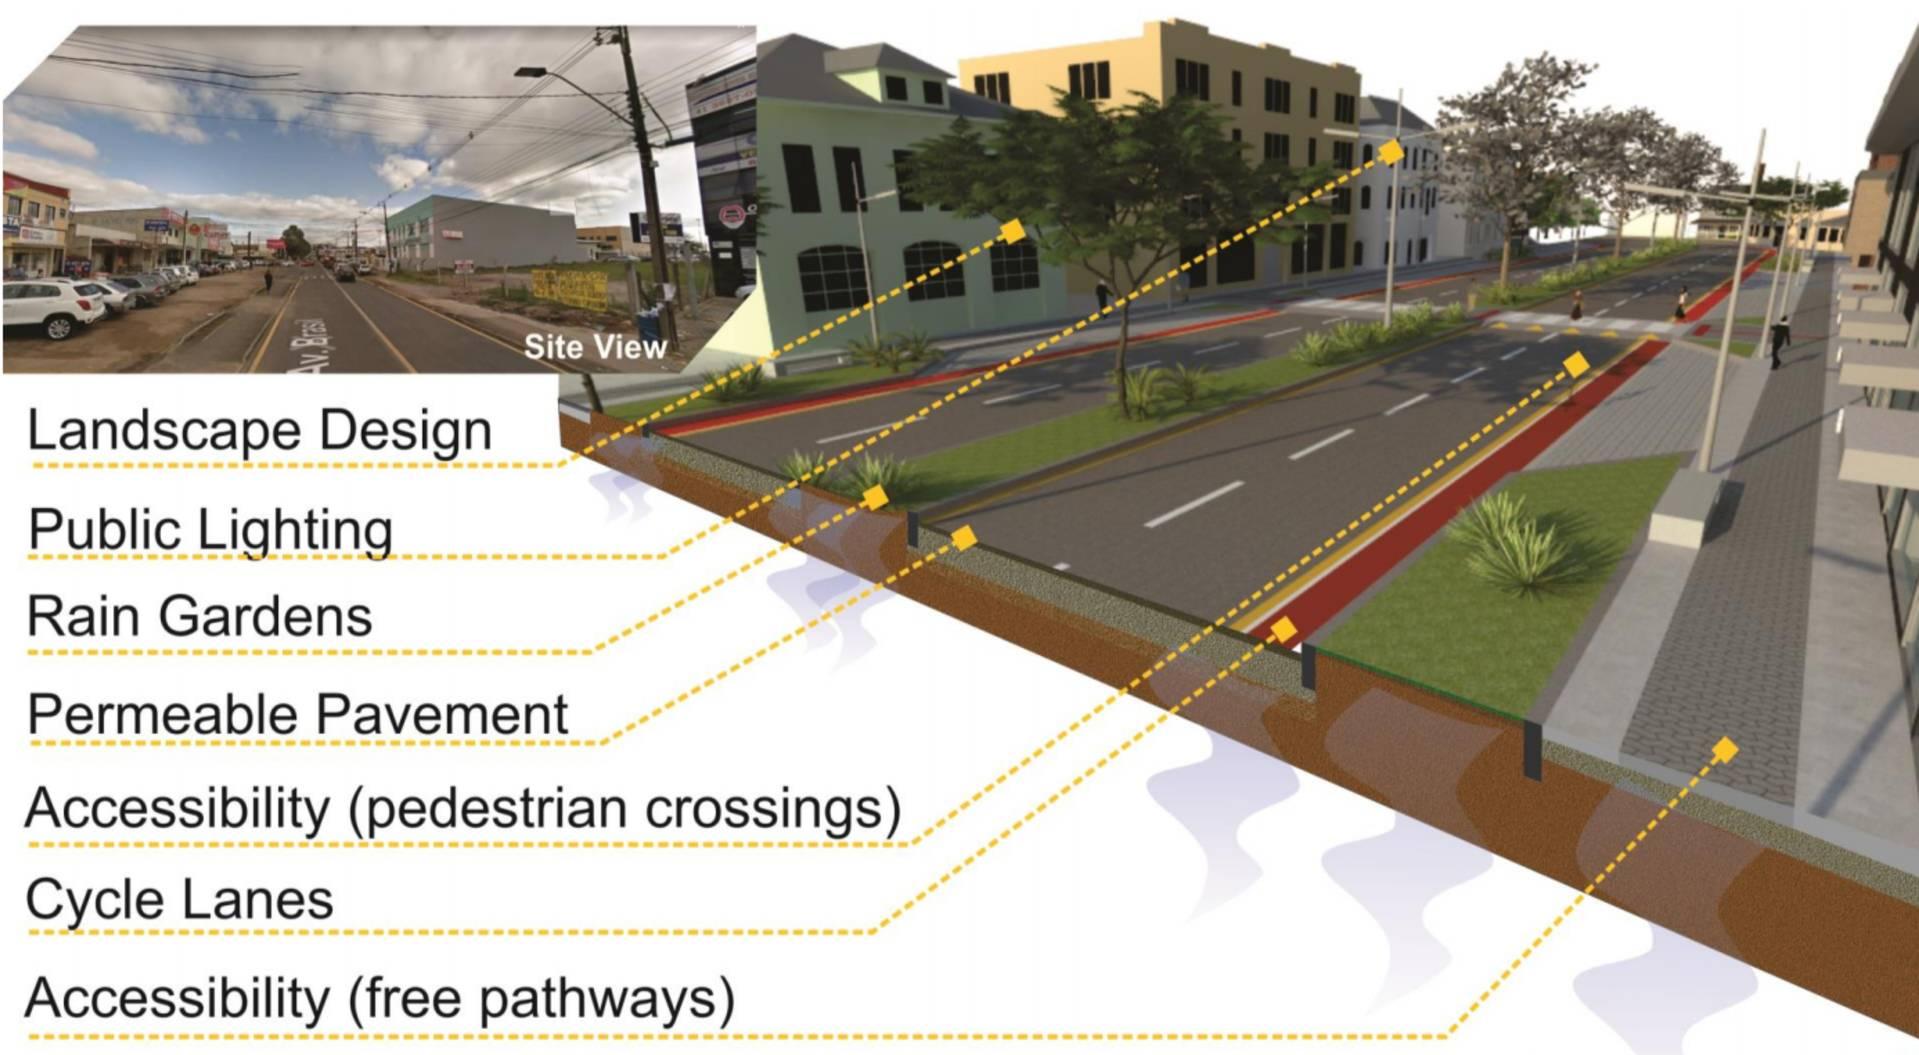 Projeto que propõe a requalificação das vias urbanas dos municípios é um dos cinco selecionados, entre as 97 concorrentes do mundo, para apresentação no Fórum Mundial de Urbanismo, nesta segunda-feira (10), em Abu Dhabi